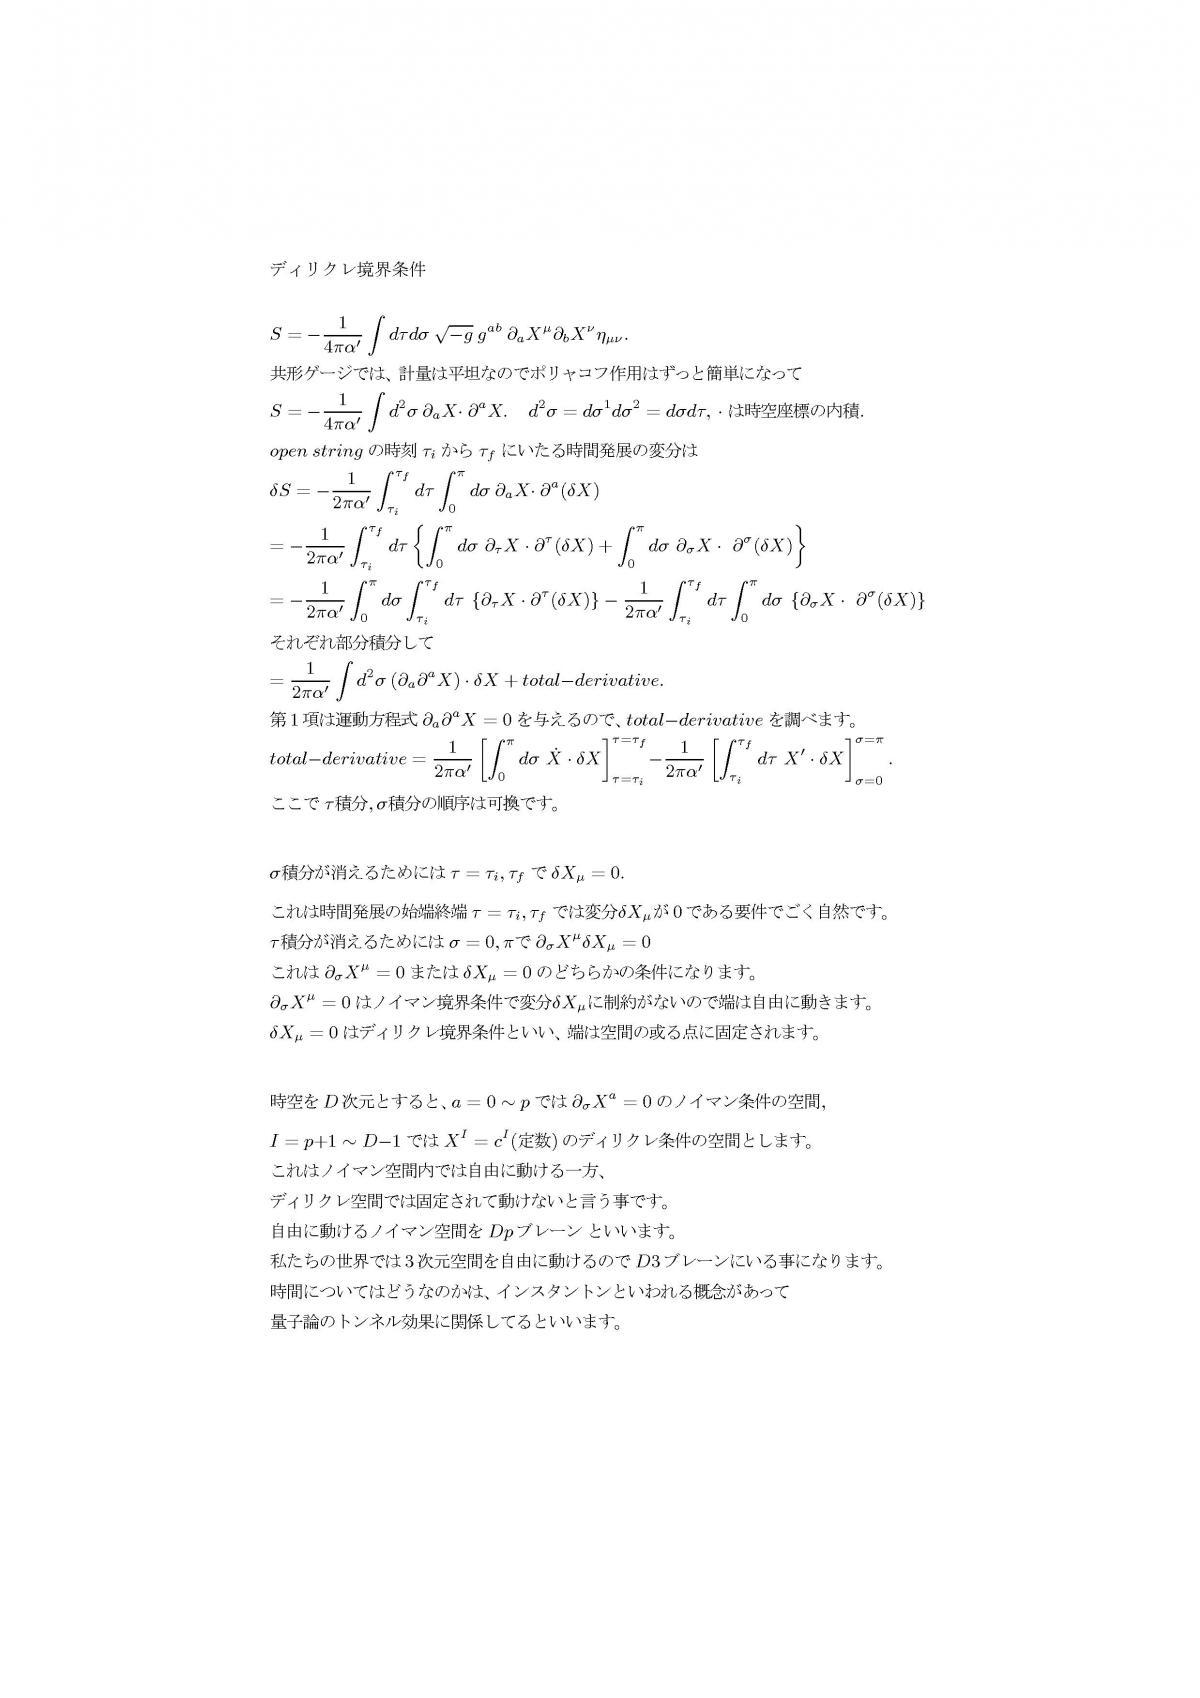 zgen96.jpg